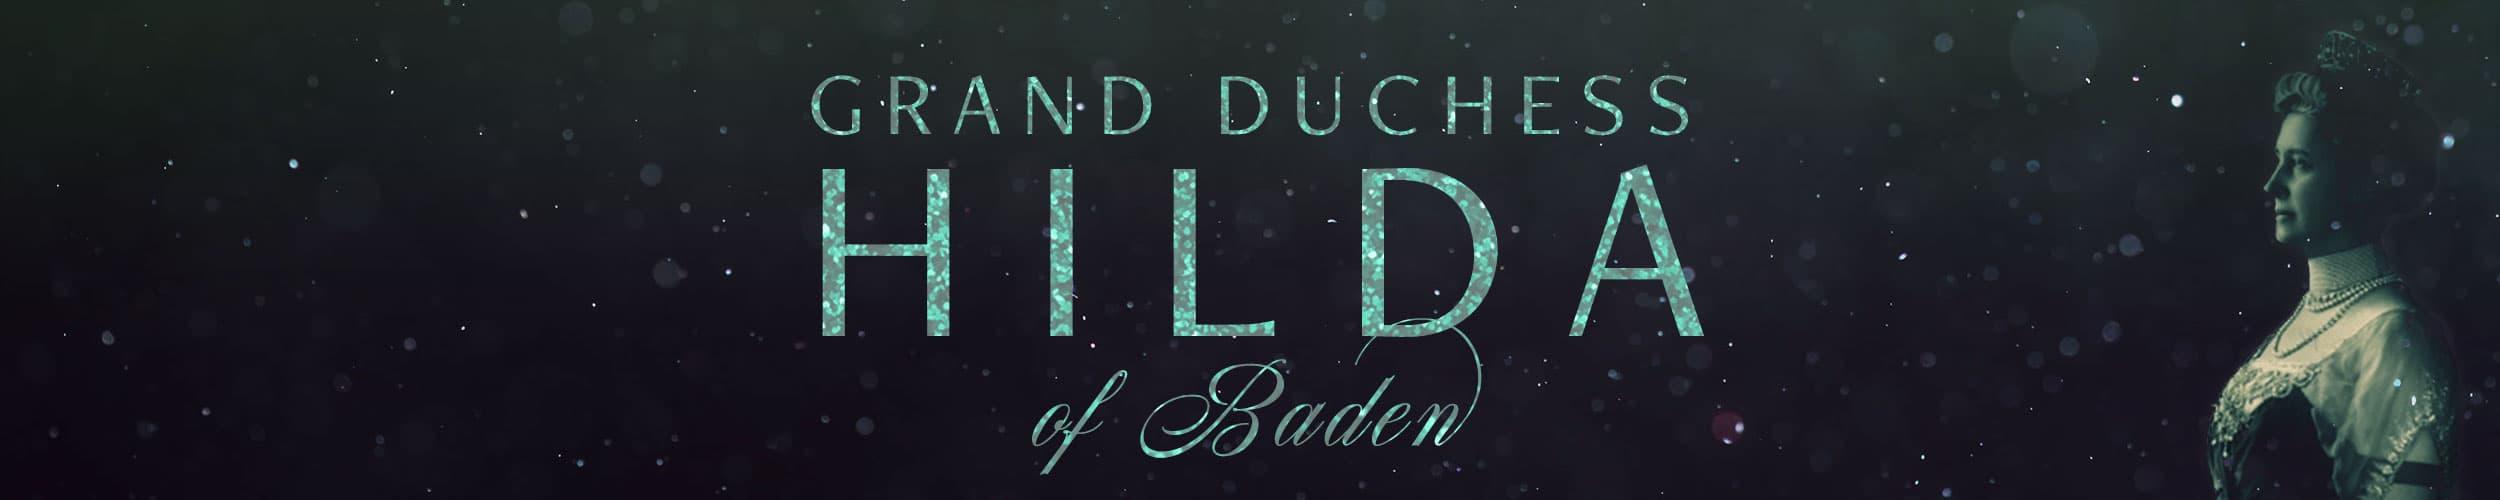 Grand Duchess Hilda of Baden: Image of Hilda wearing her kokoshnik tiara